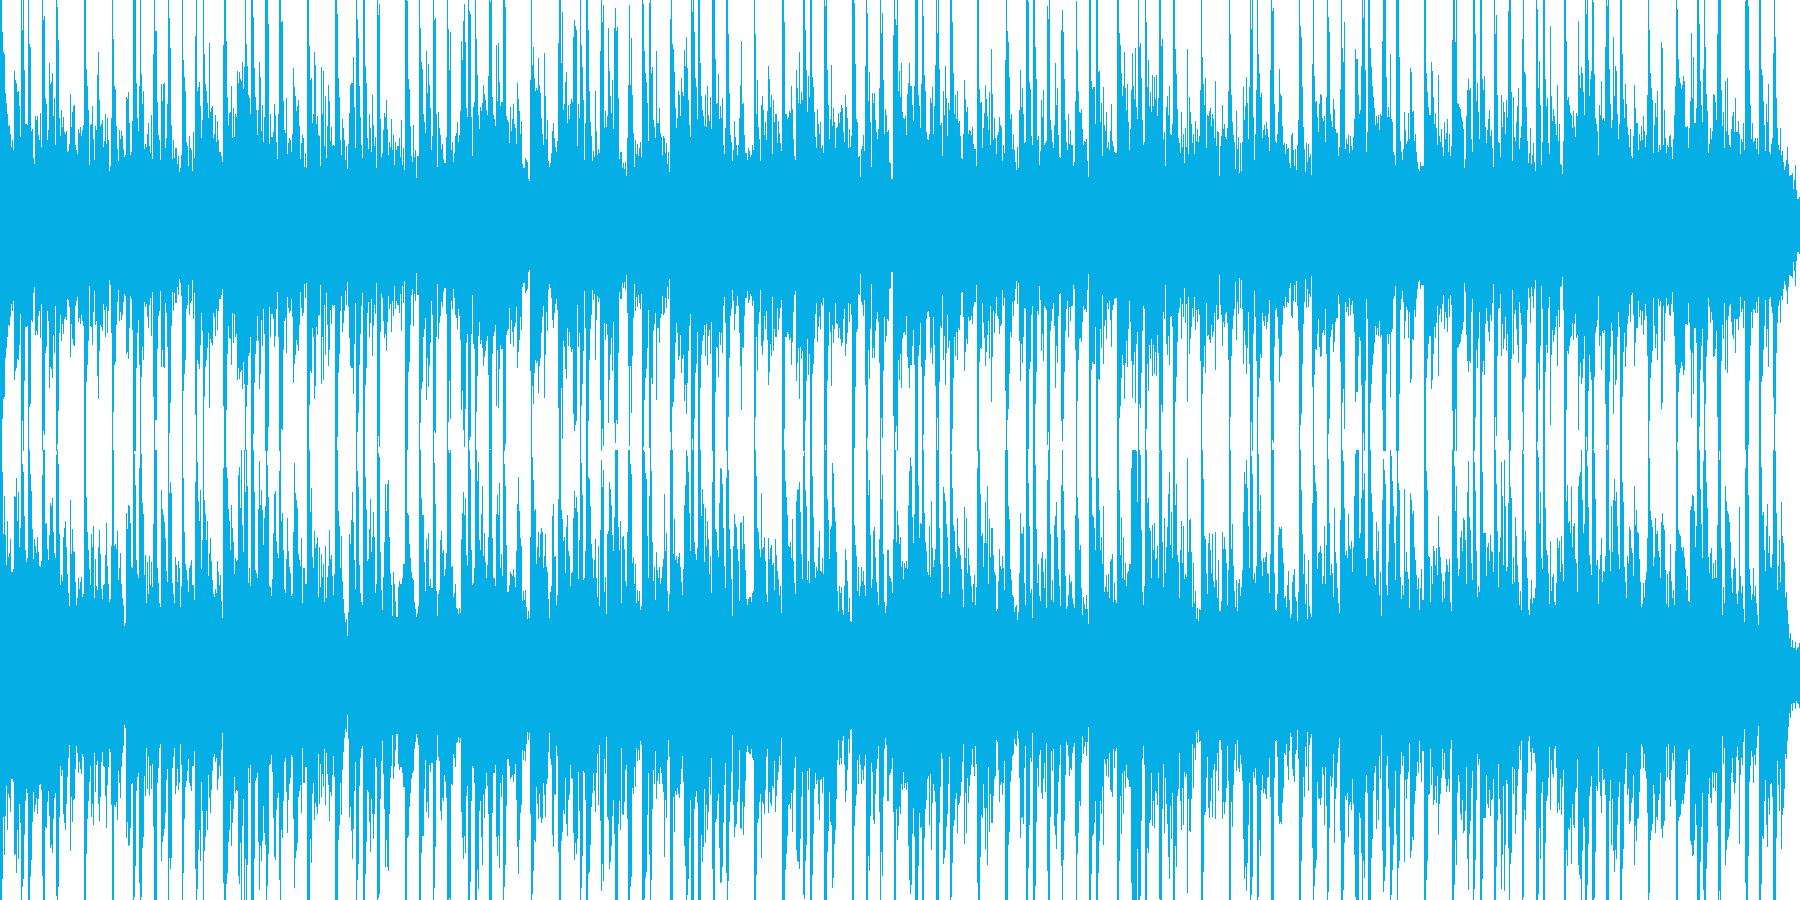 テクノな音楽で考え中な感じの時にの再生済みの波形